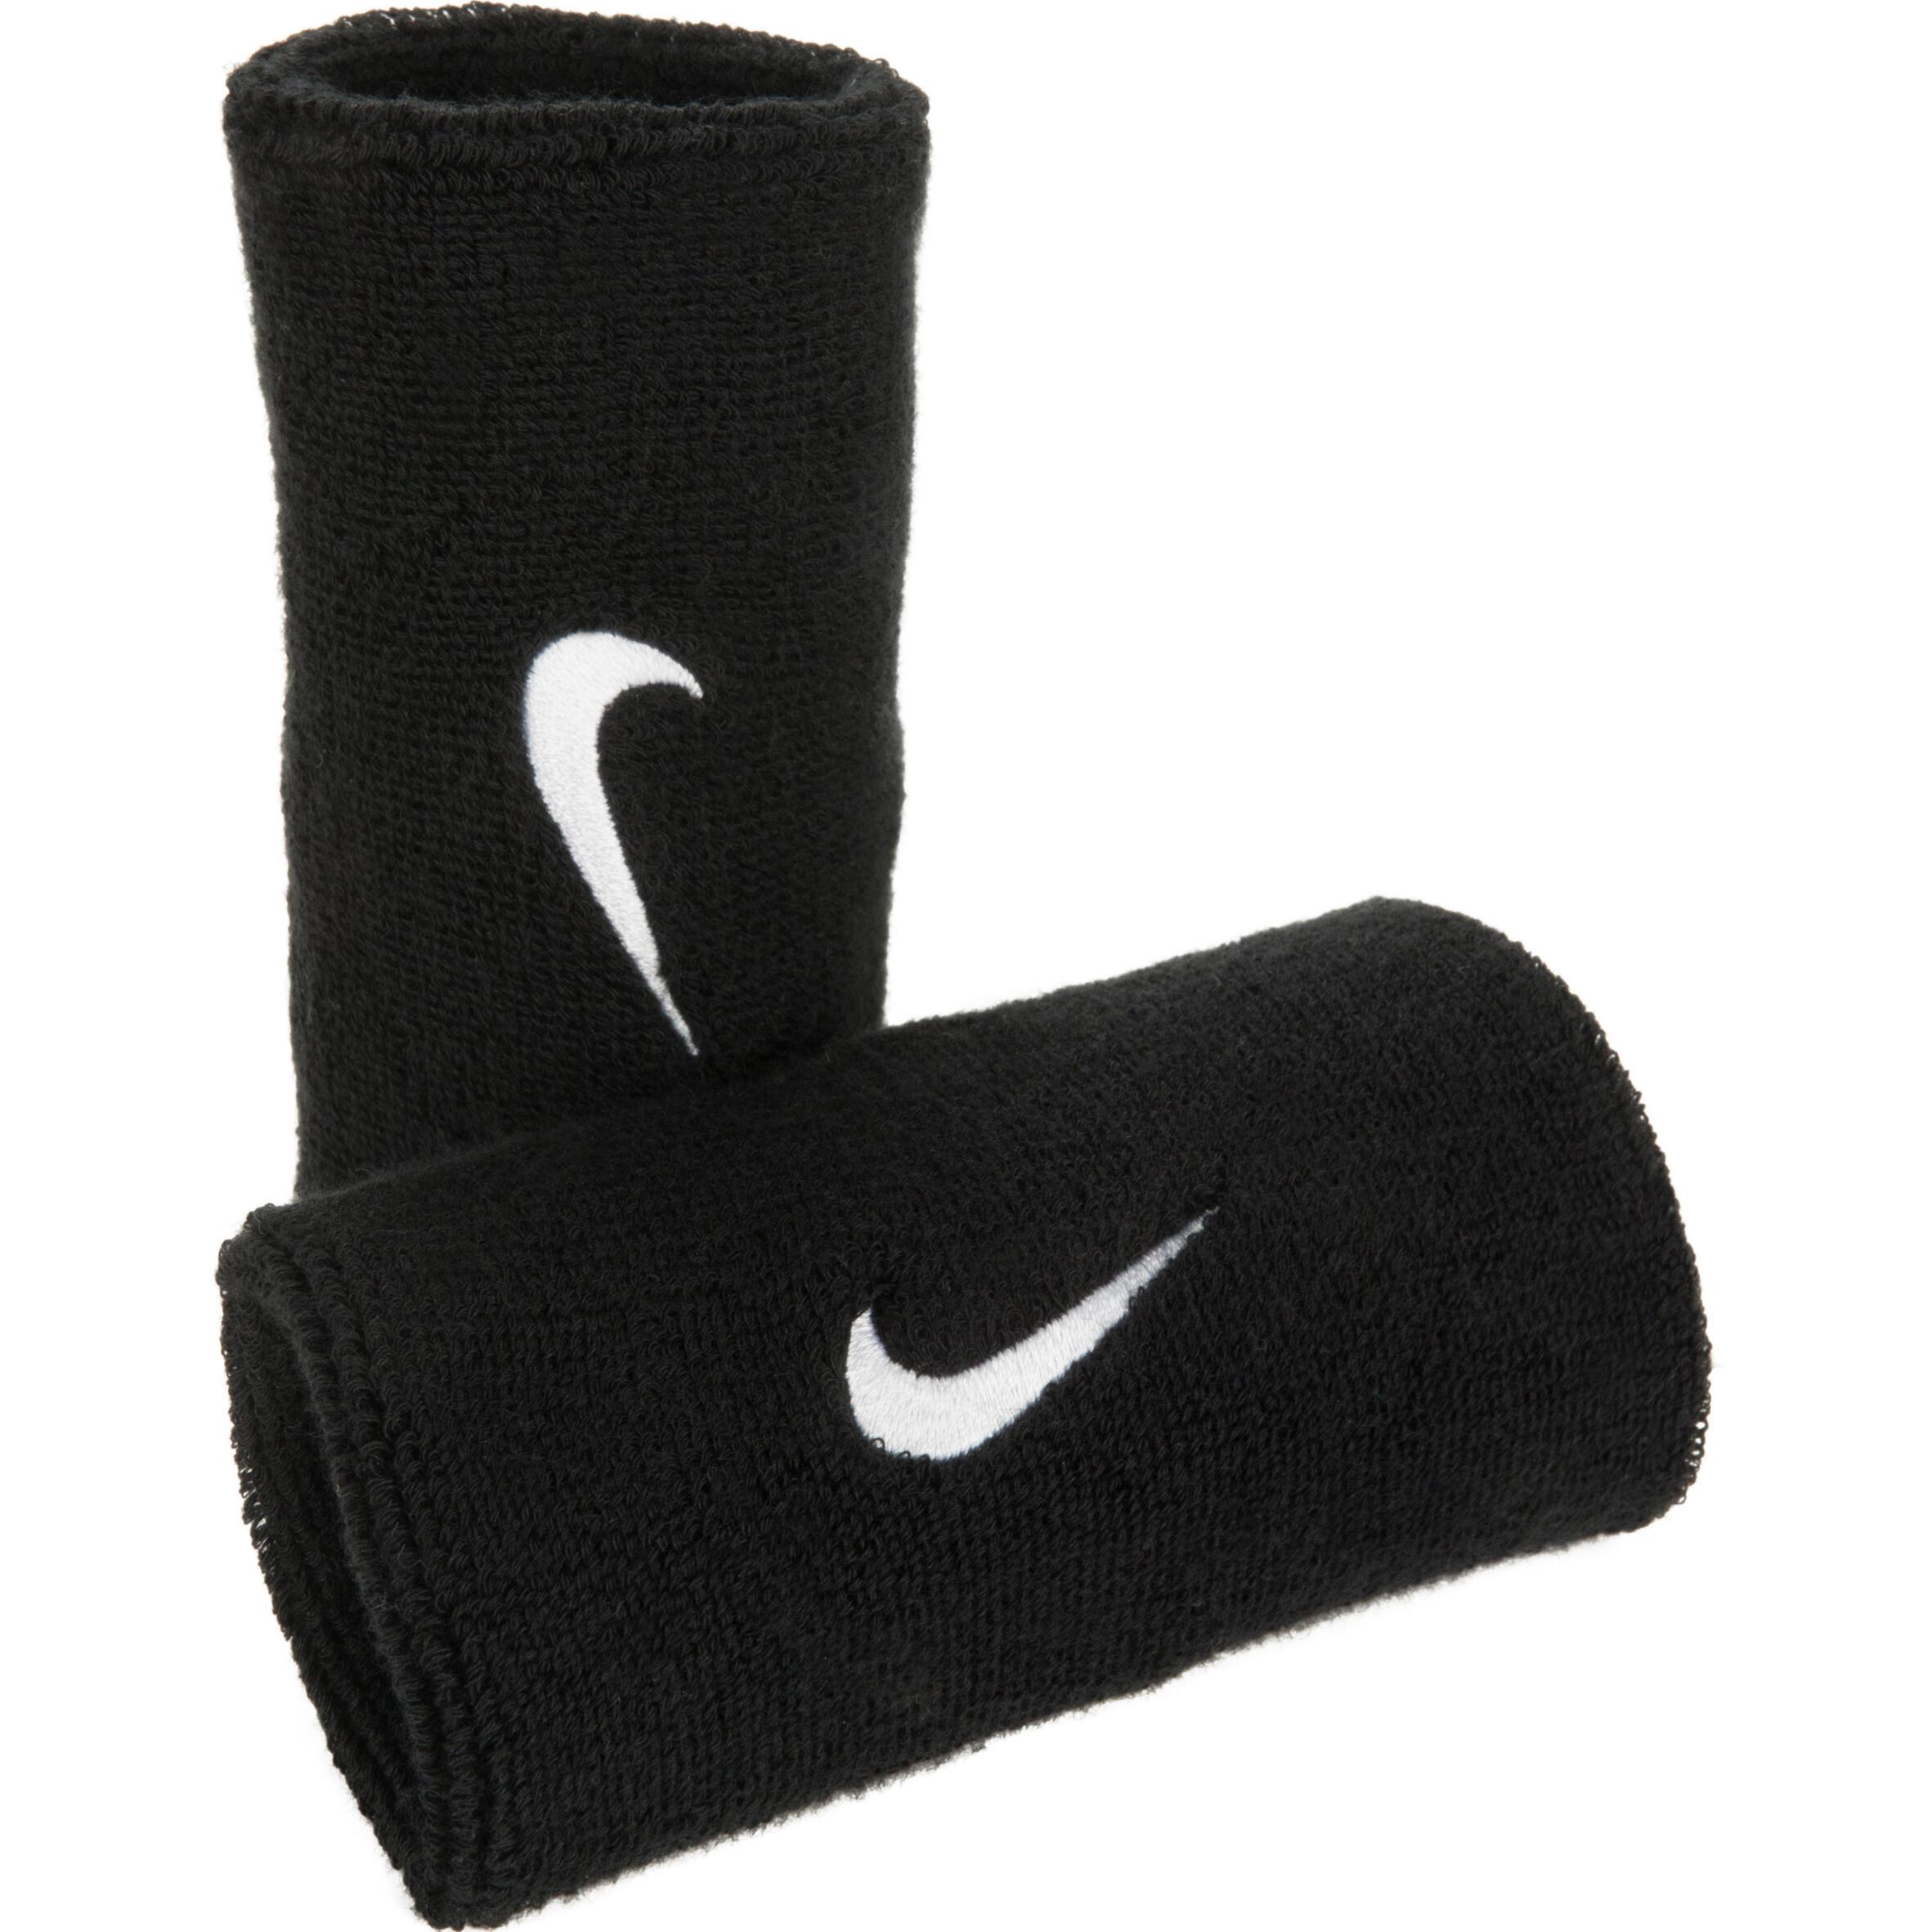 Nike Brede polsband voor tennis zwart Nike